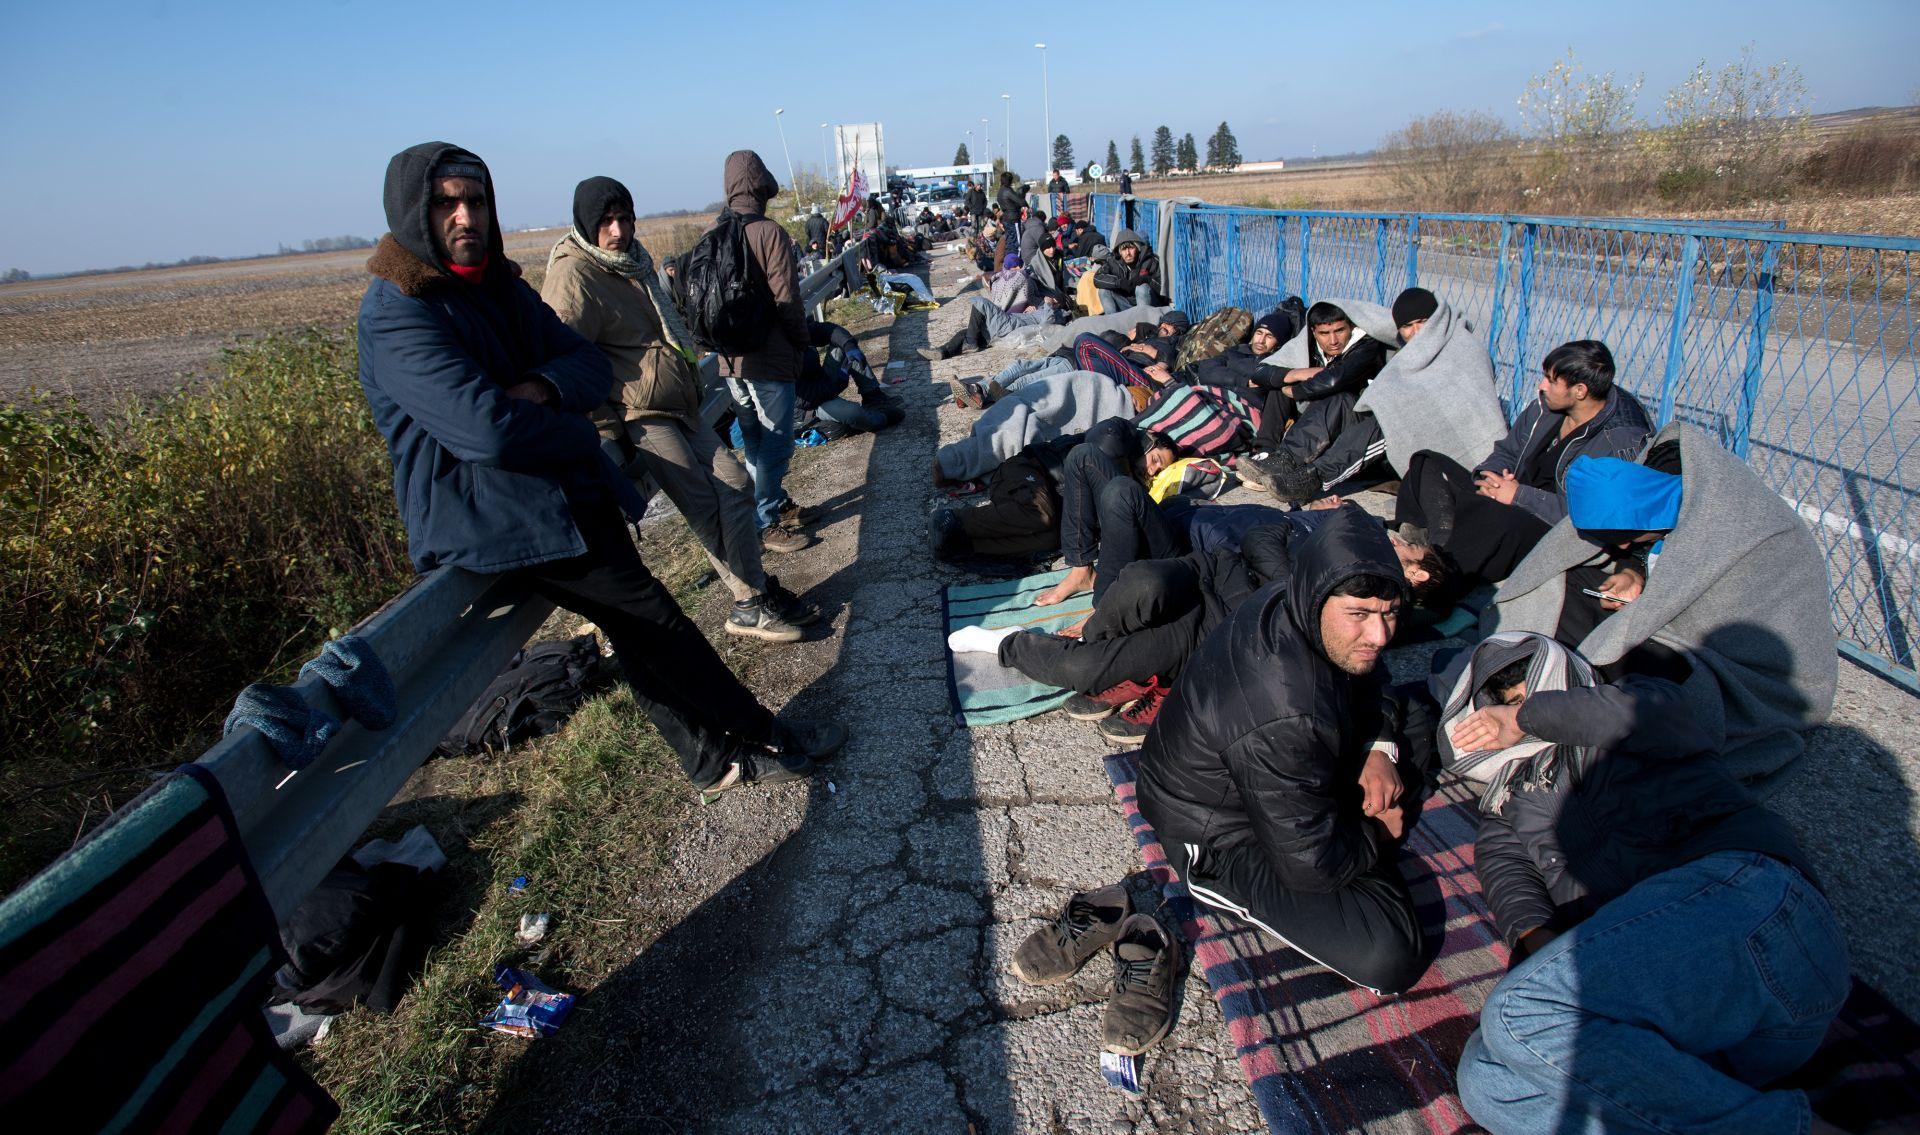 STANJE NA GRANICI: Migranti iz Pakistana i Afganistana preko polja žele u RH